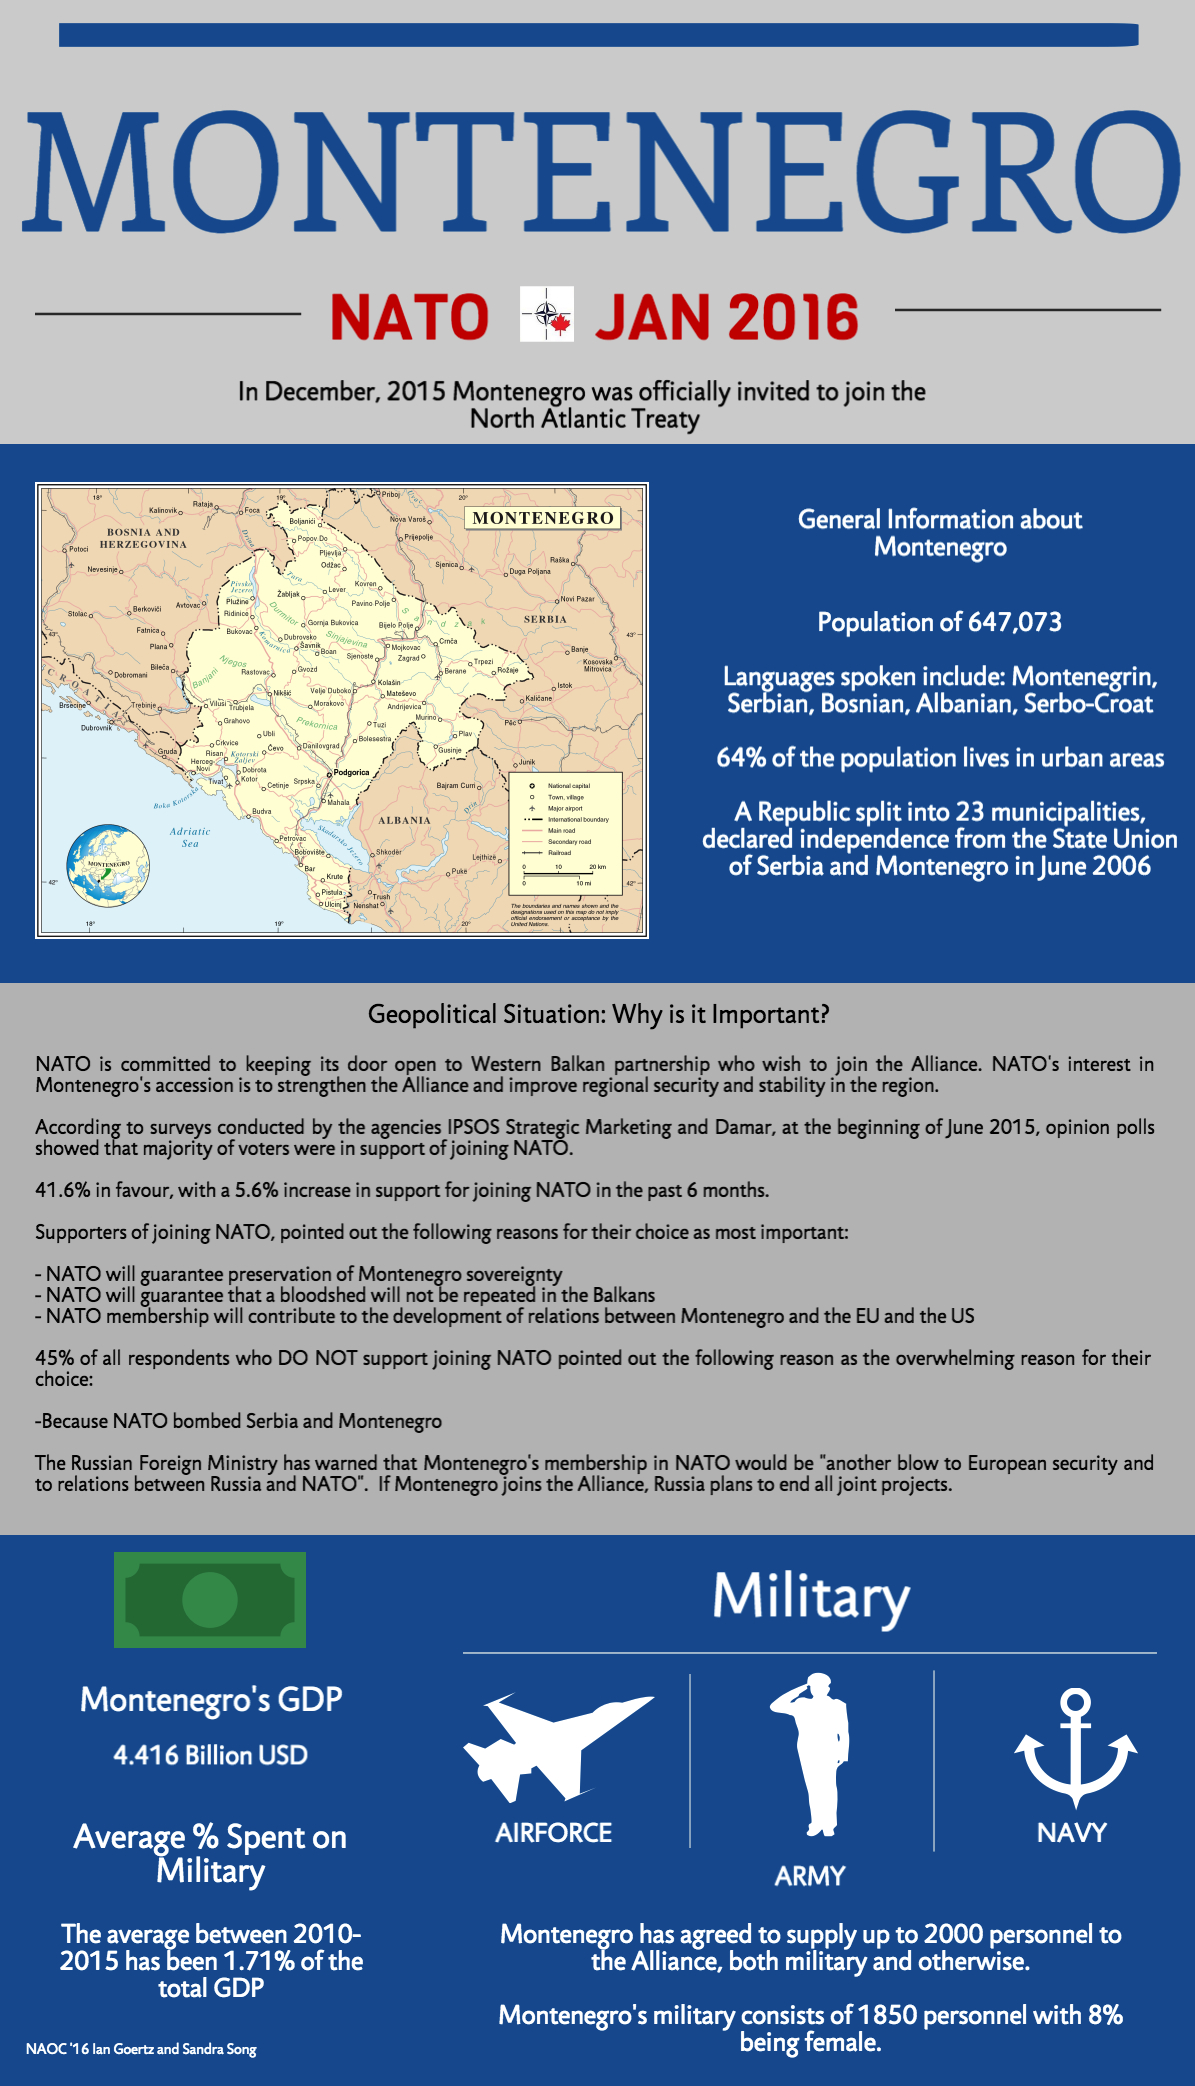 Montenegro_Infographic2016